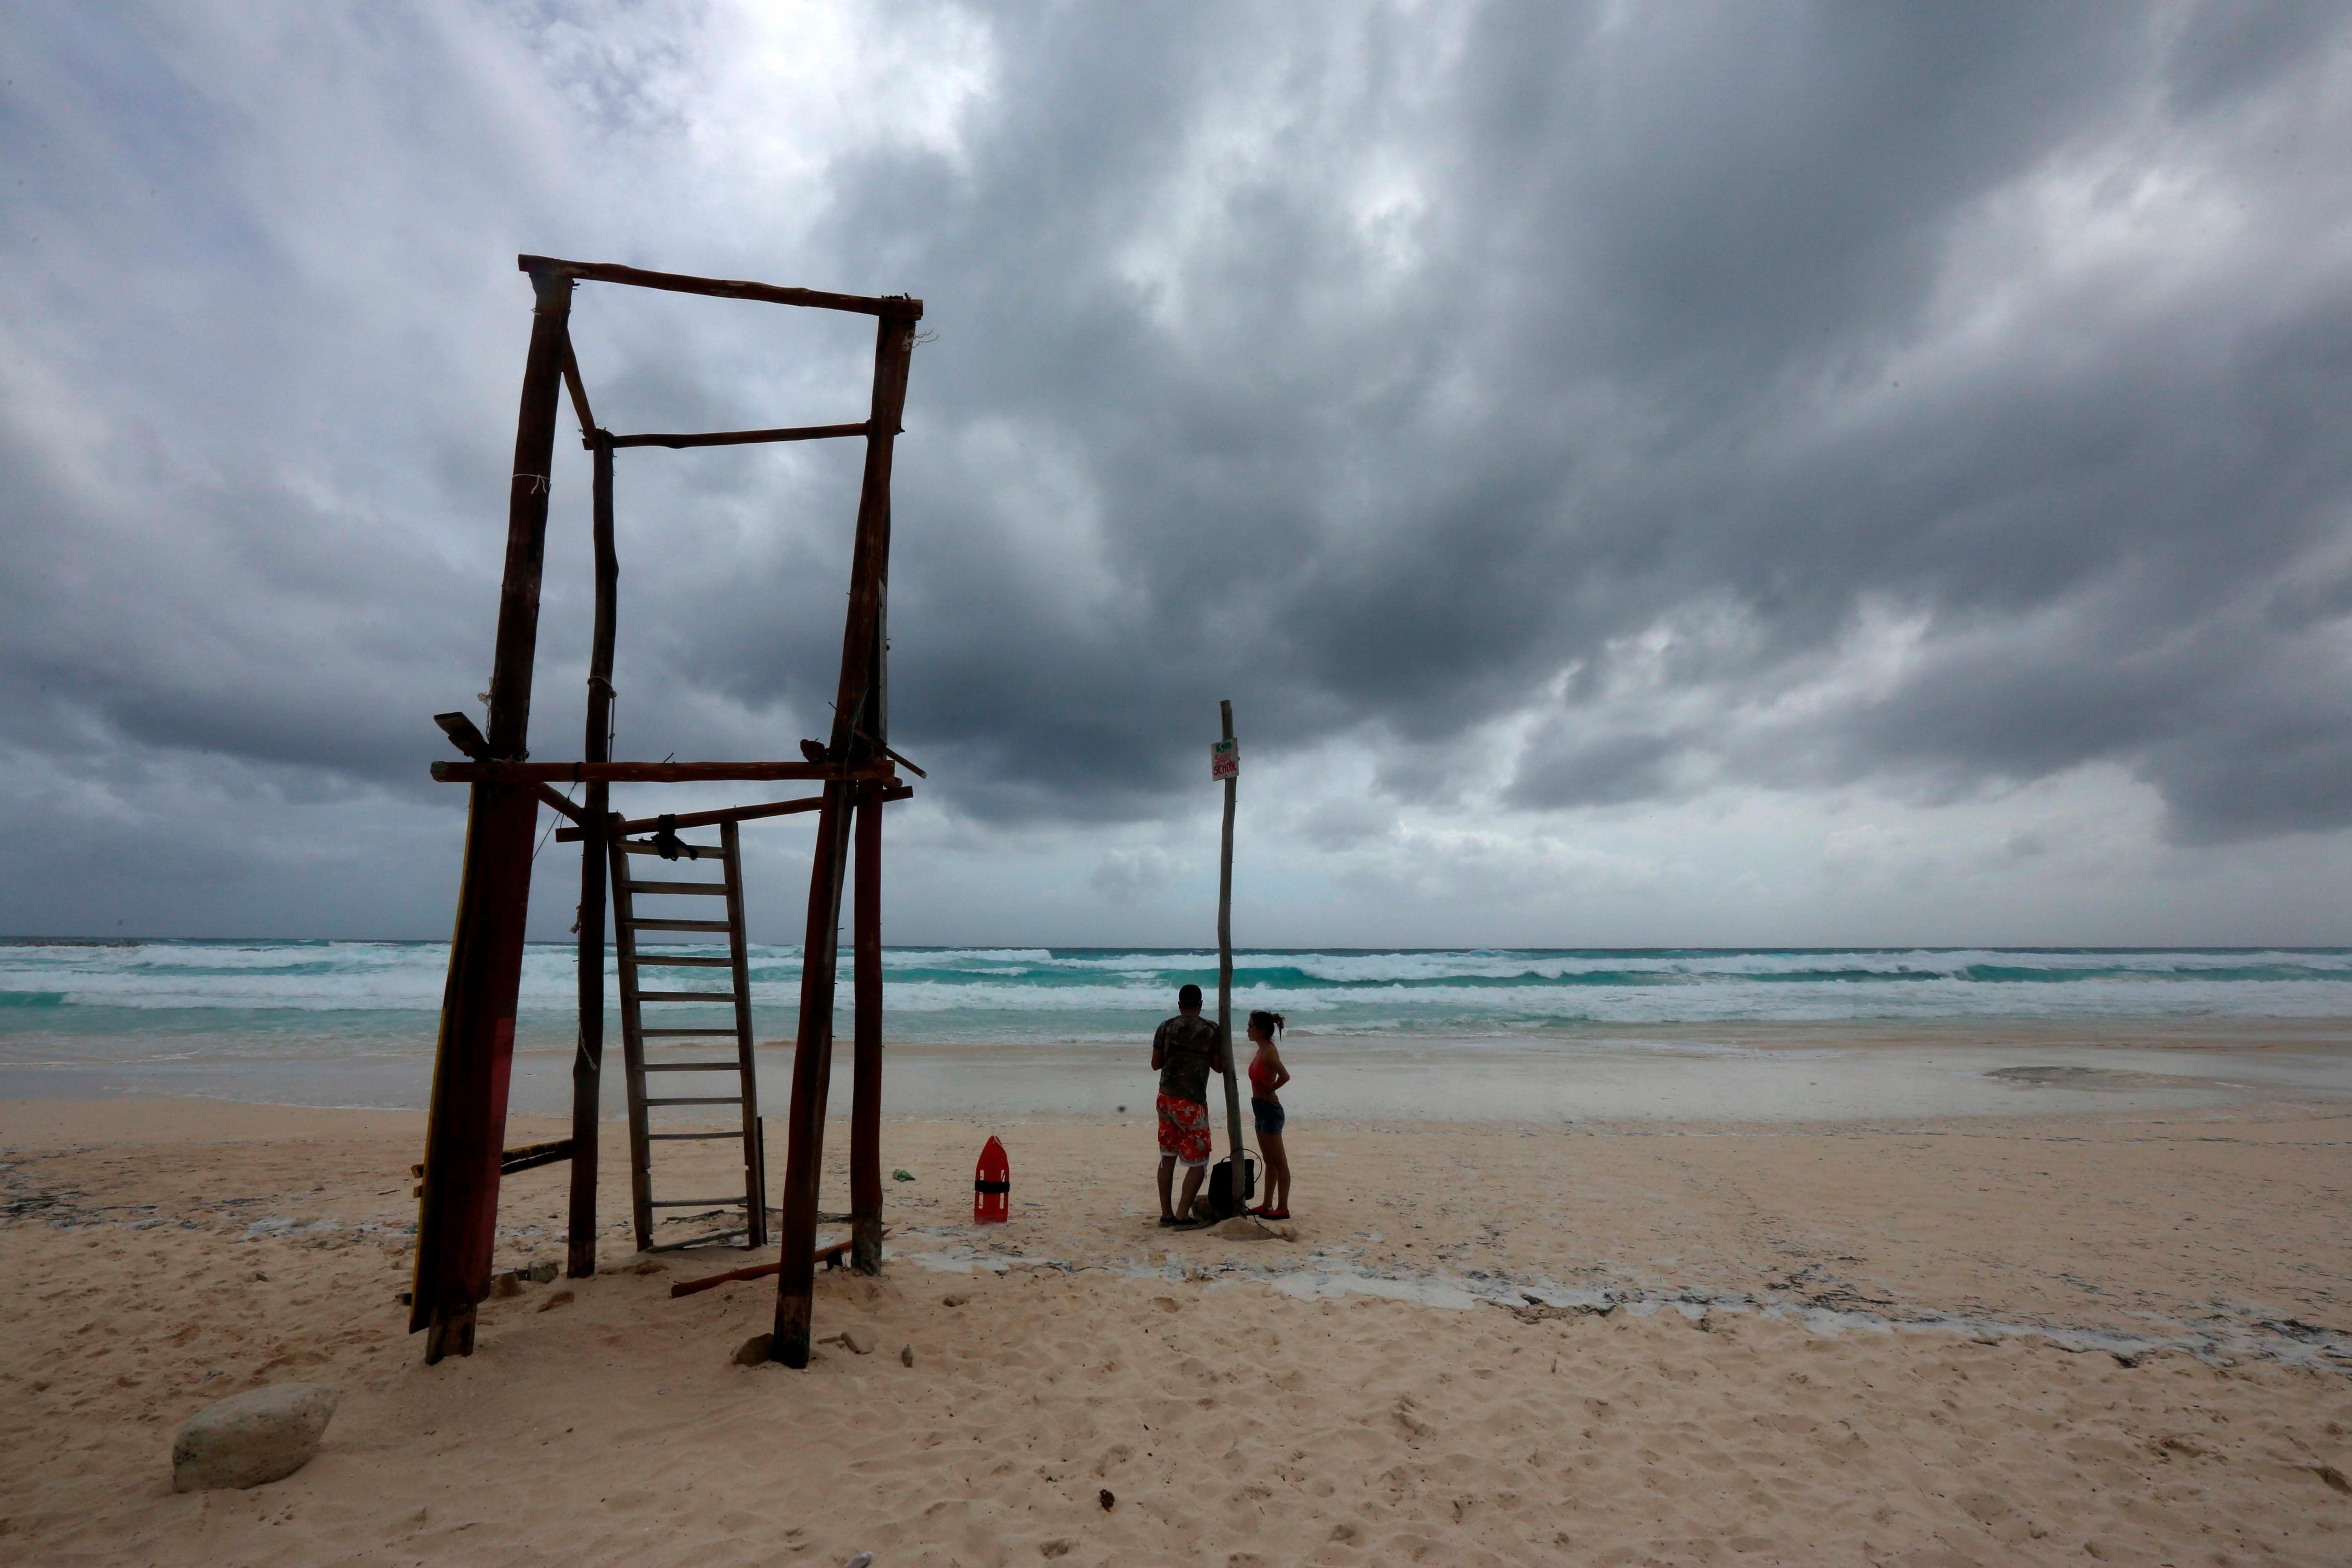 La temporada de lluvias y ciclones tropicales 2021 en el Pacífico comenzó oficialmente el pasado 15 de mayo y se estima que finalice en noviembre. EFE/Alonso Cupul/Archivo